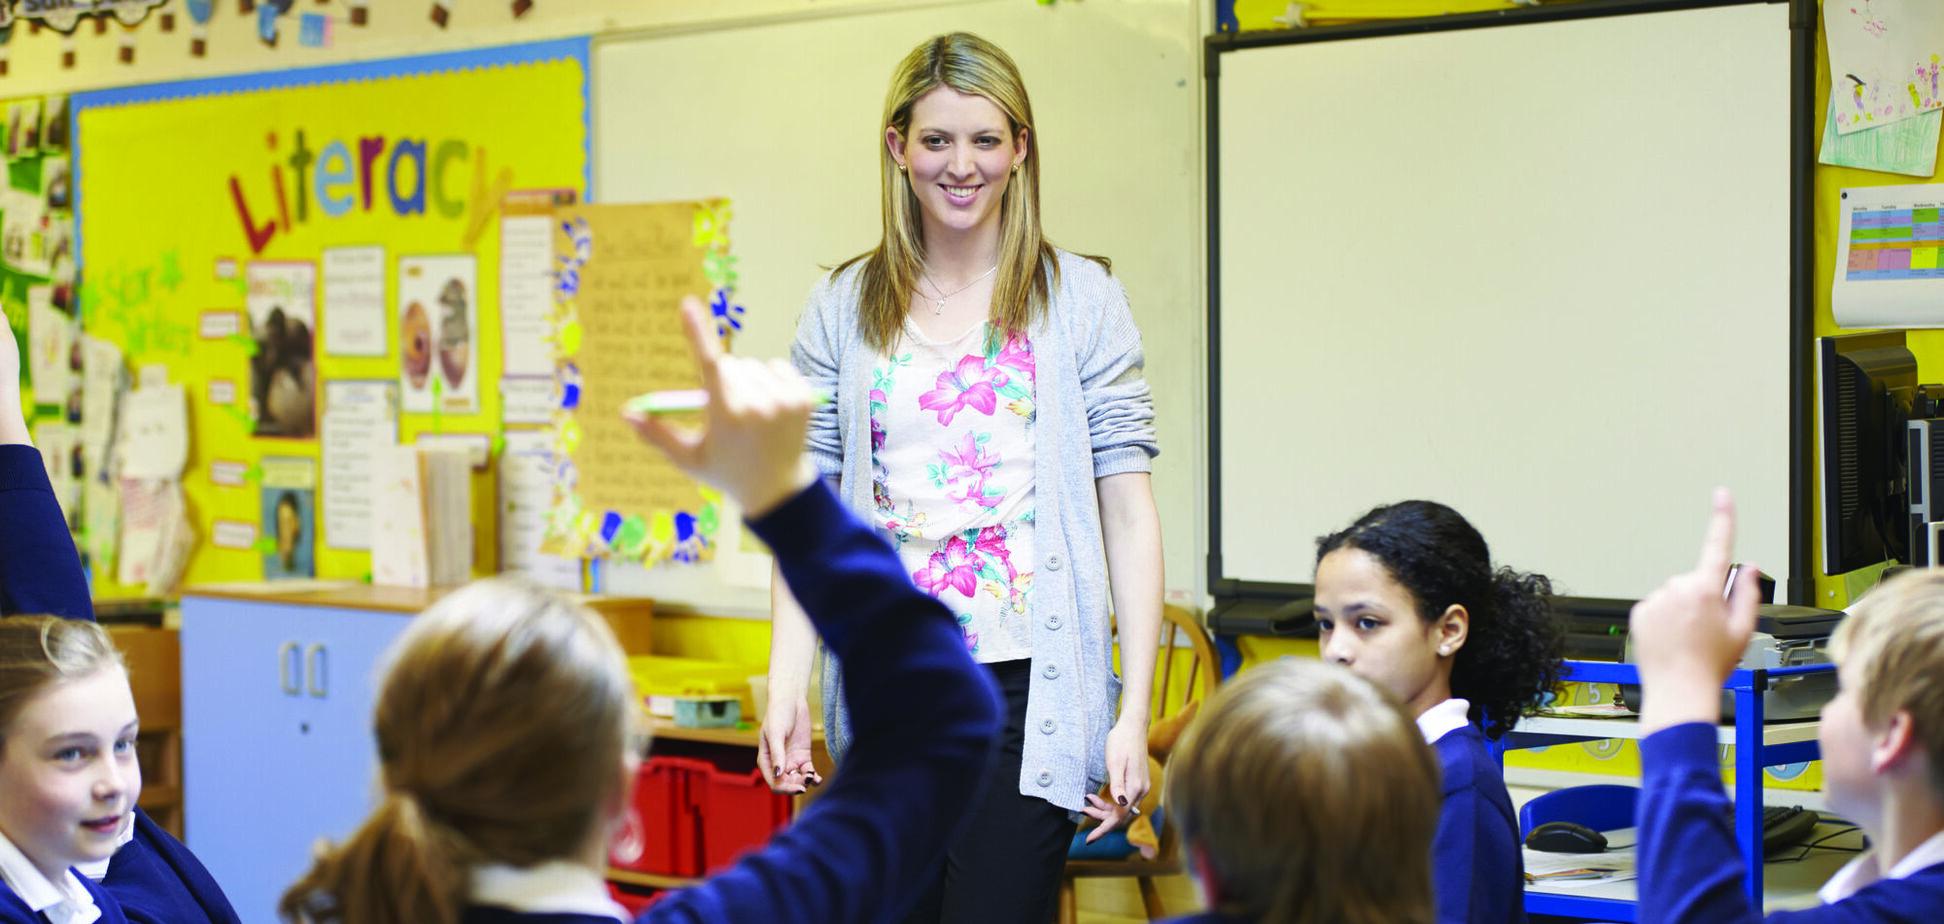 День учителя в Украине отмечается в первое воскресенье октября